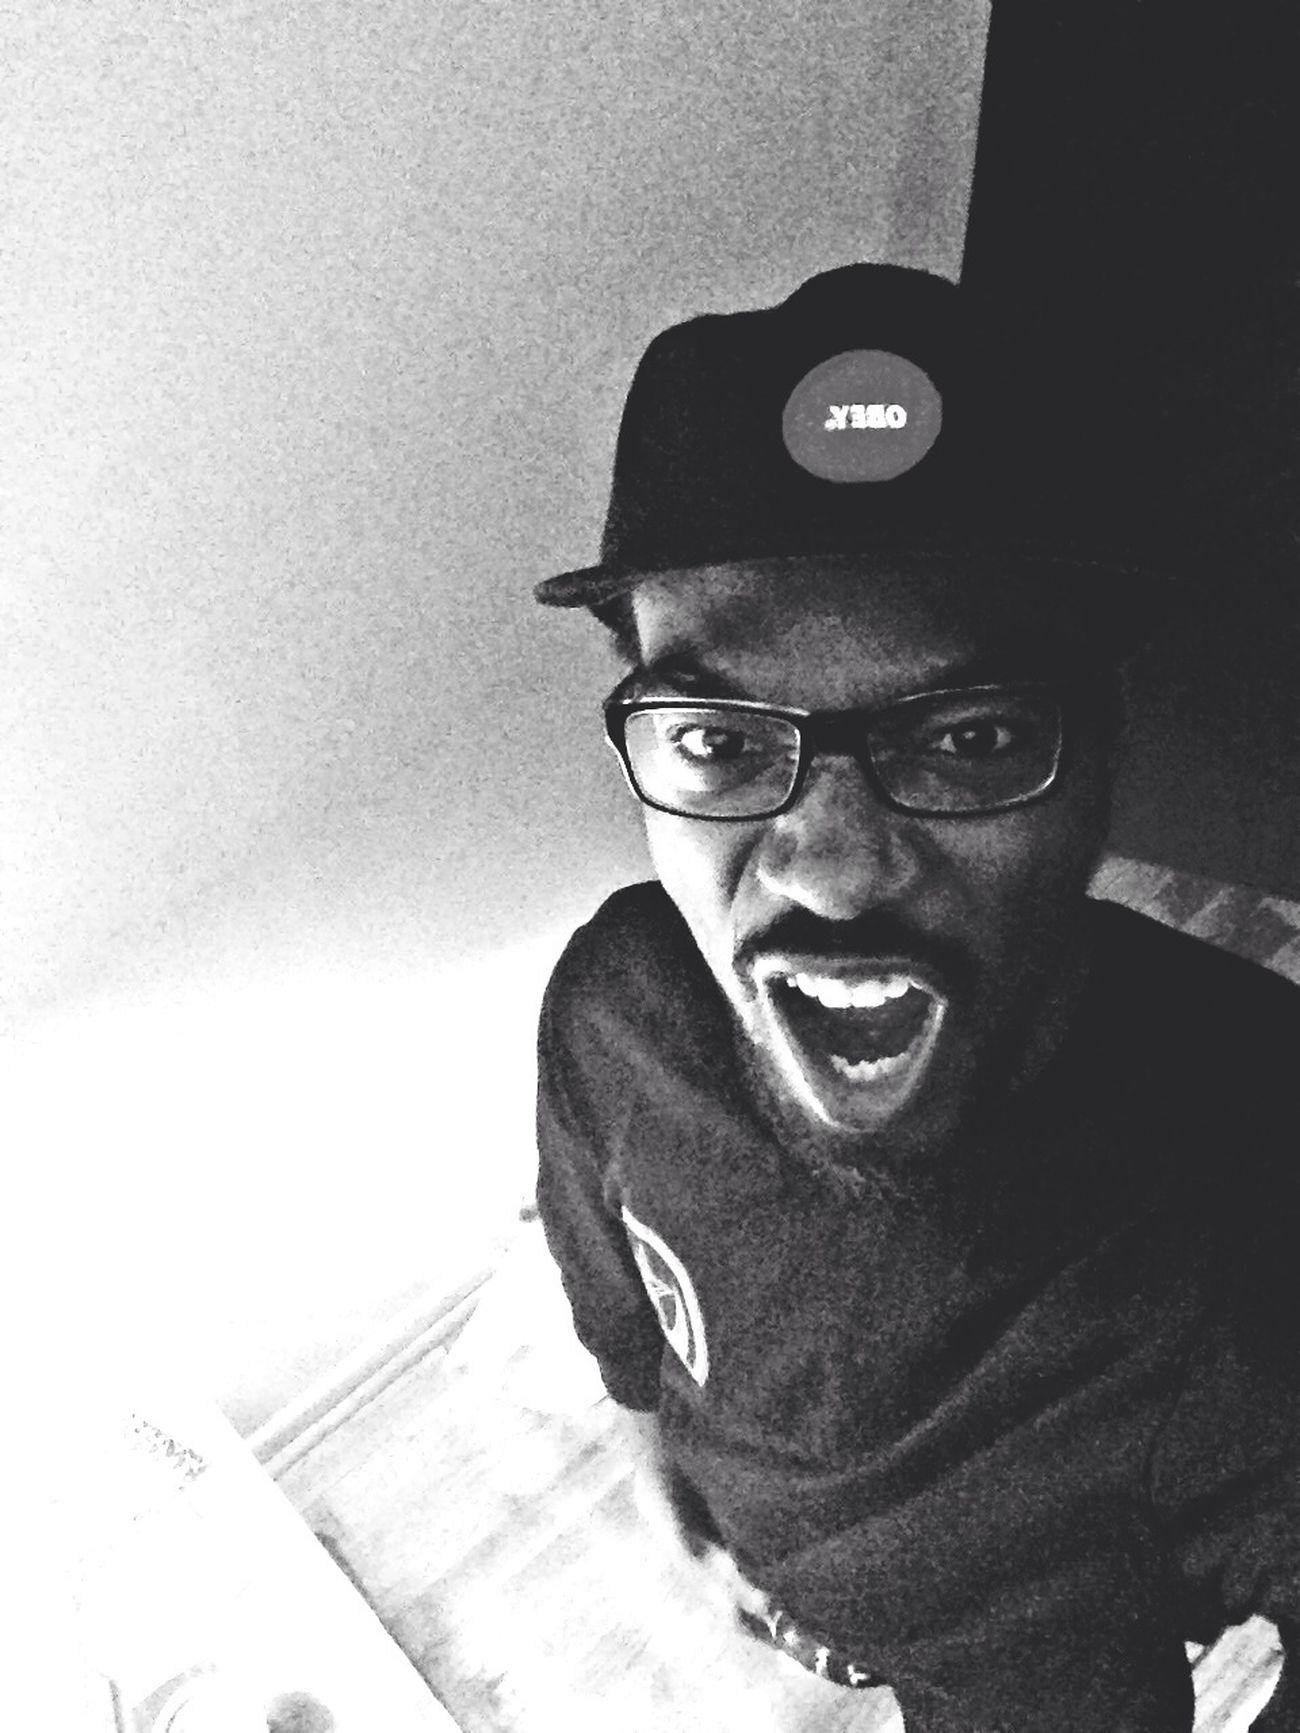 OBEY Strapback Scream Black And White